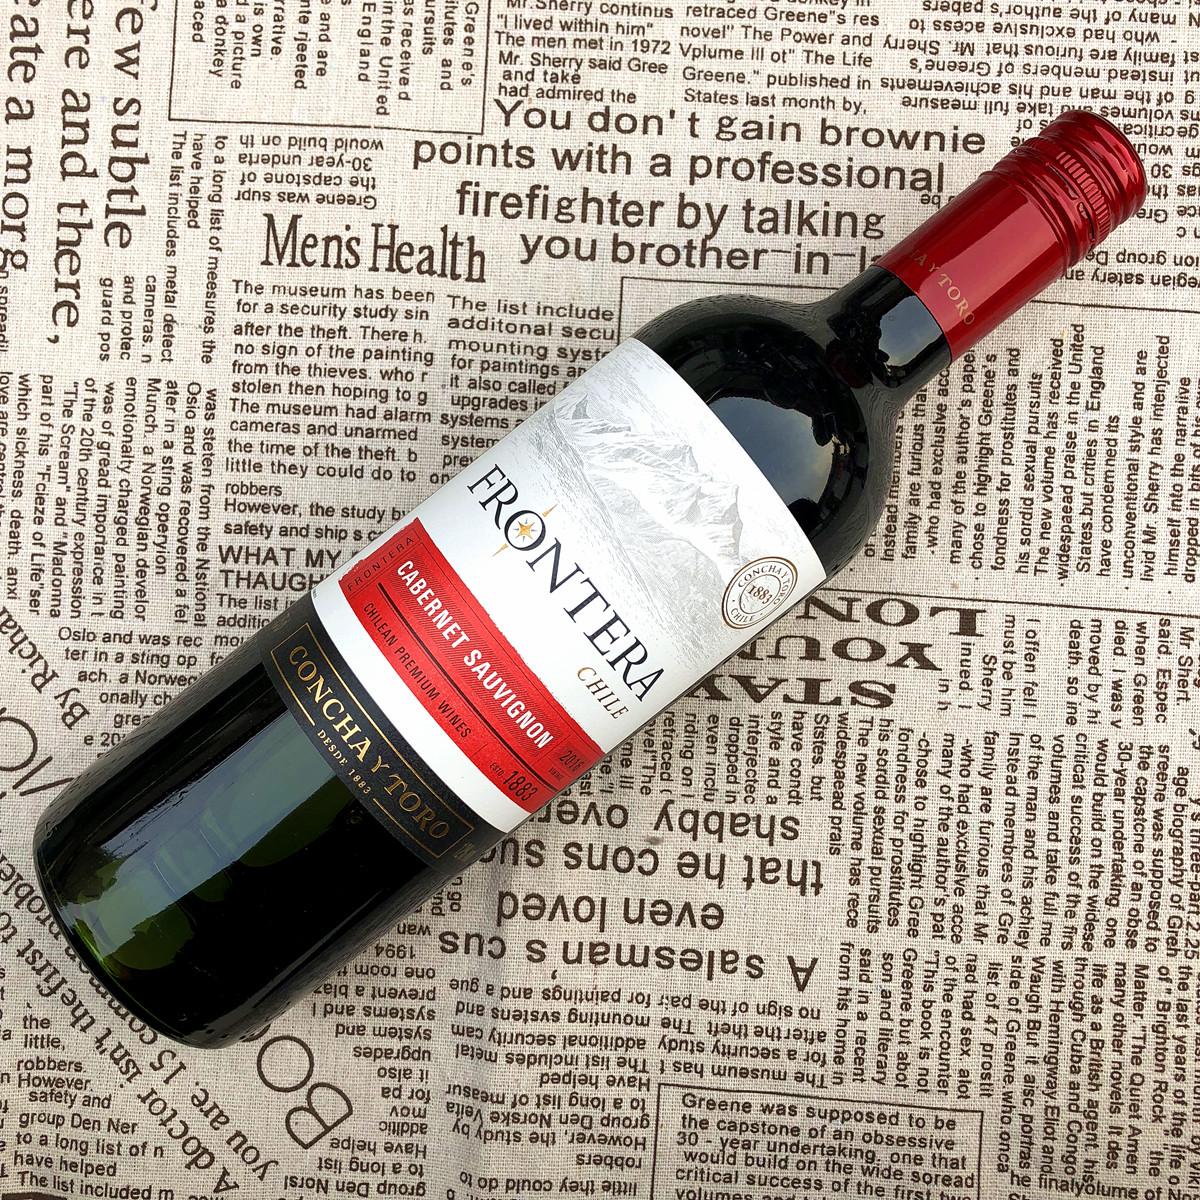 乾露縁峰遠山カーベンニソビオン赤ワインFRONSTERA Cabert net Sauvignon